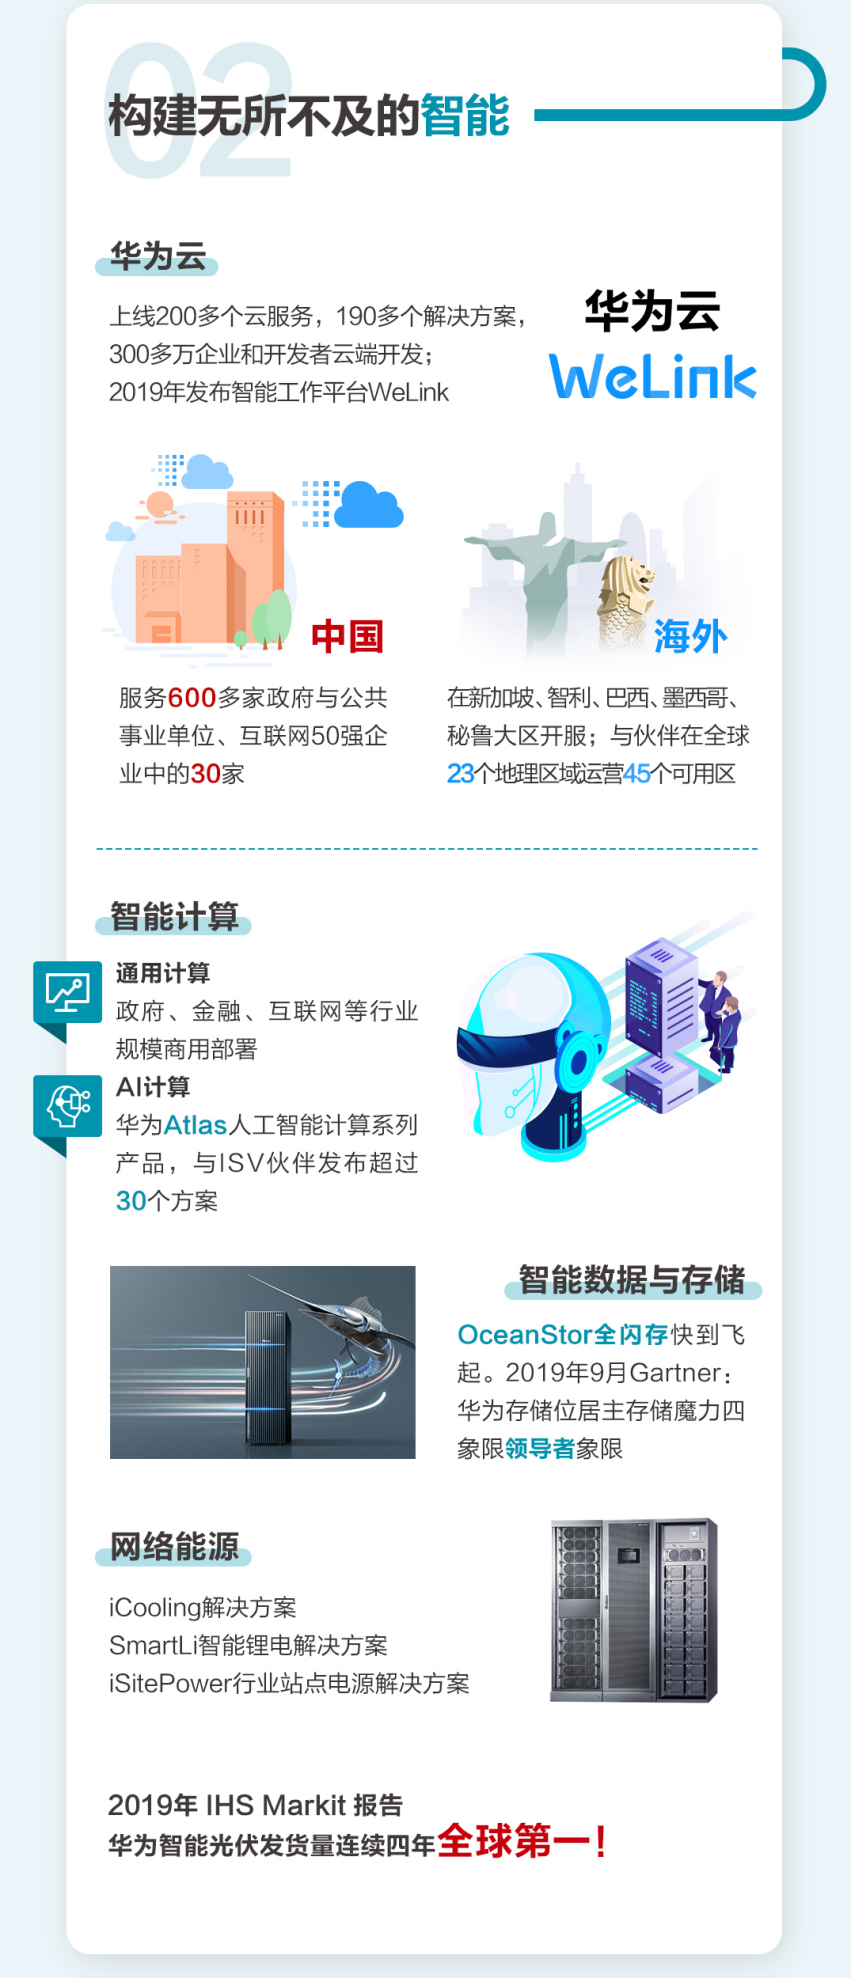 """覆盖联接、计算、智能:华为企业业务谱写ICT""""新基建""""乐章"""